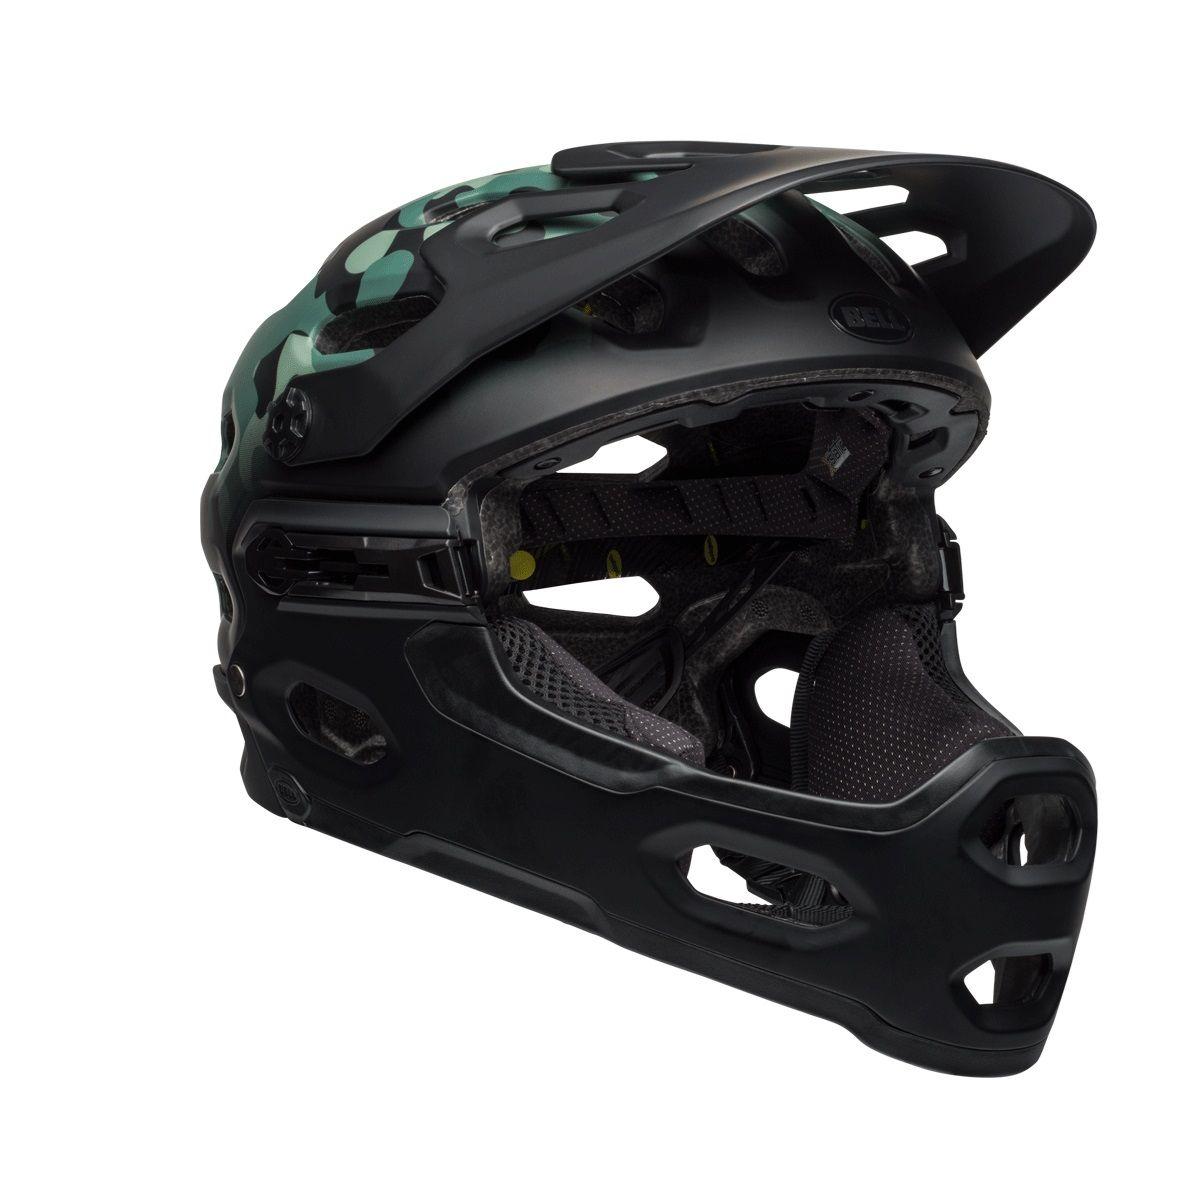 Bell Full Face Helmet >> Bell Super 3r Mips Full Face 2019 Helmet